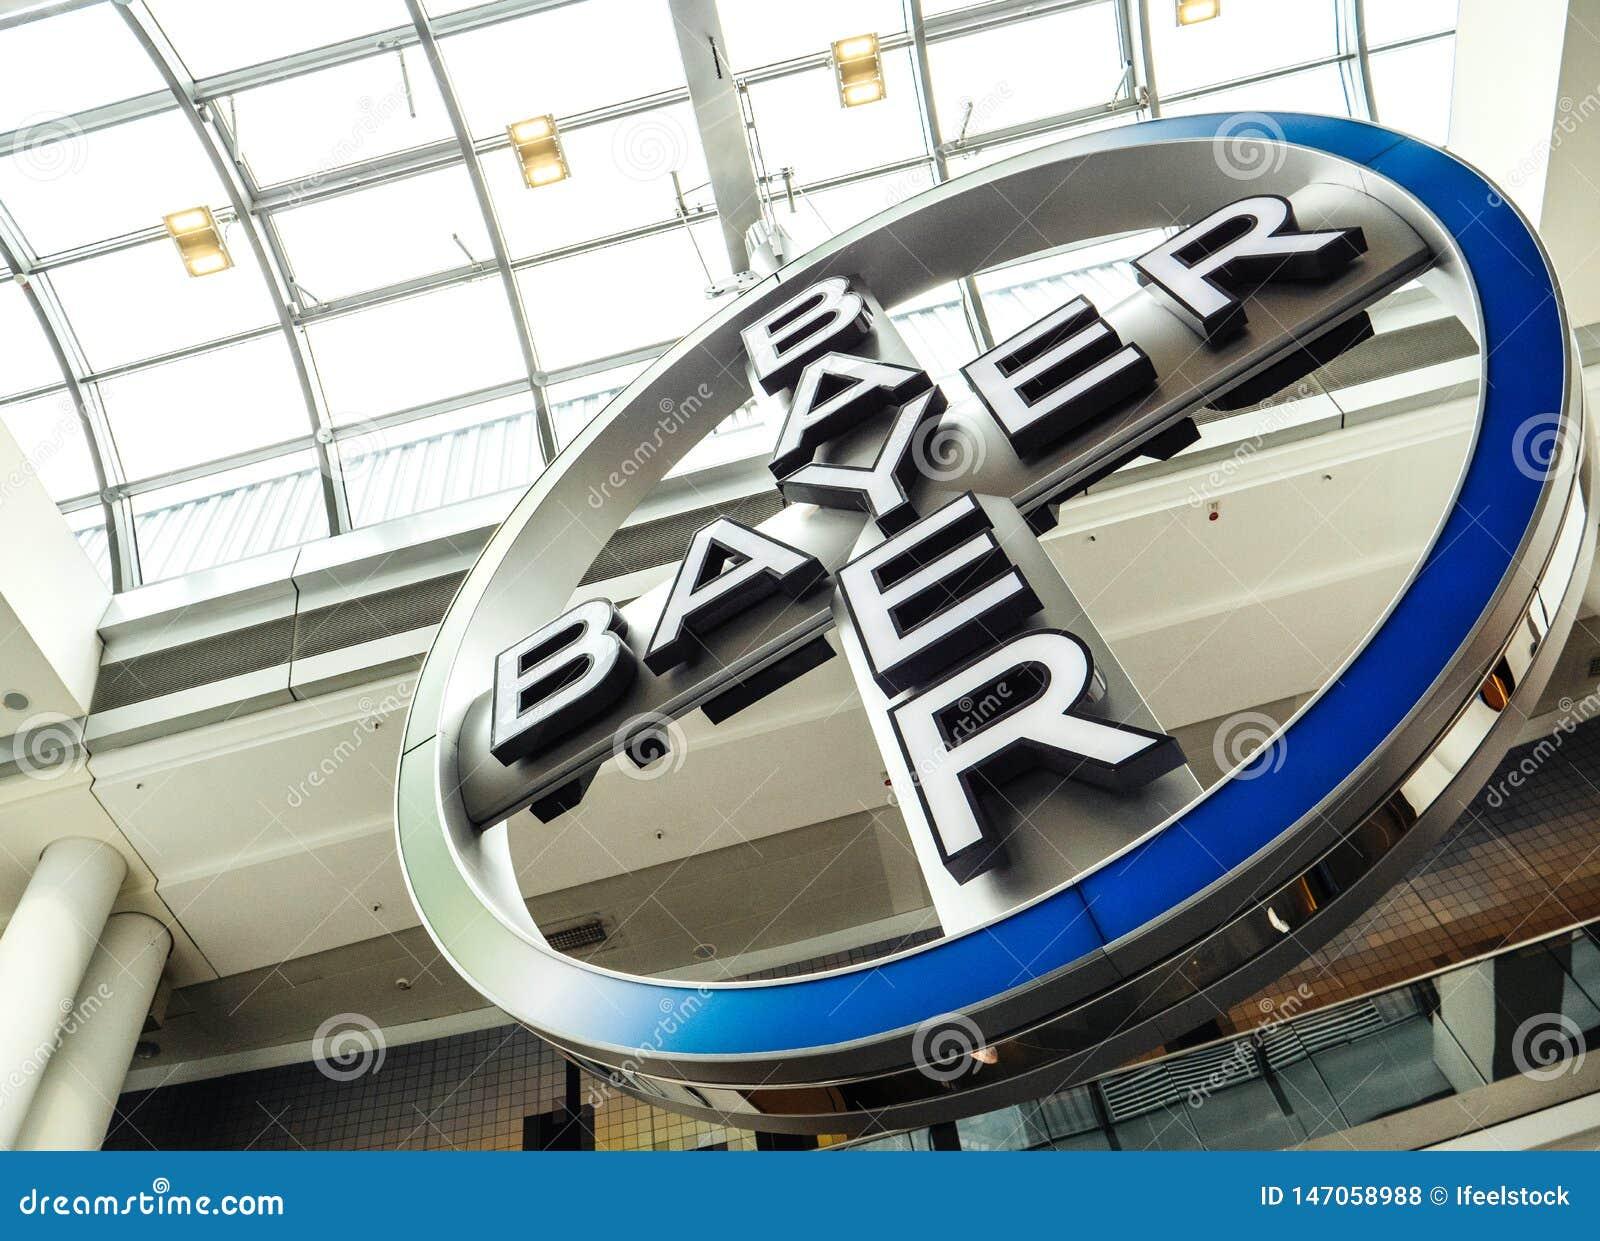 Bayer Frankfurt